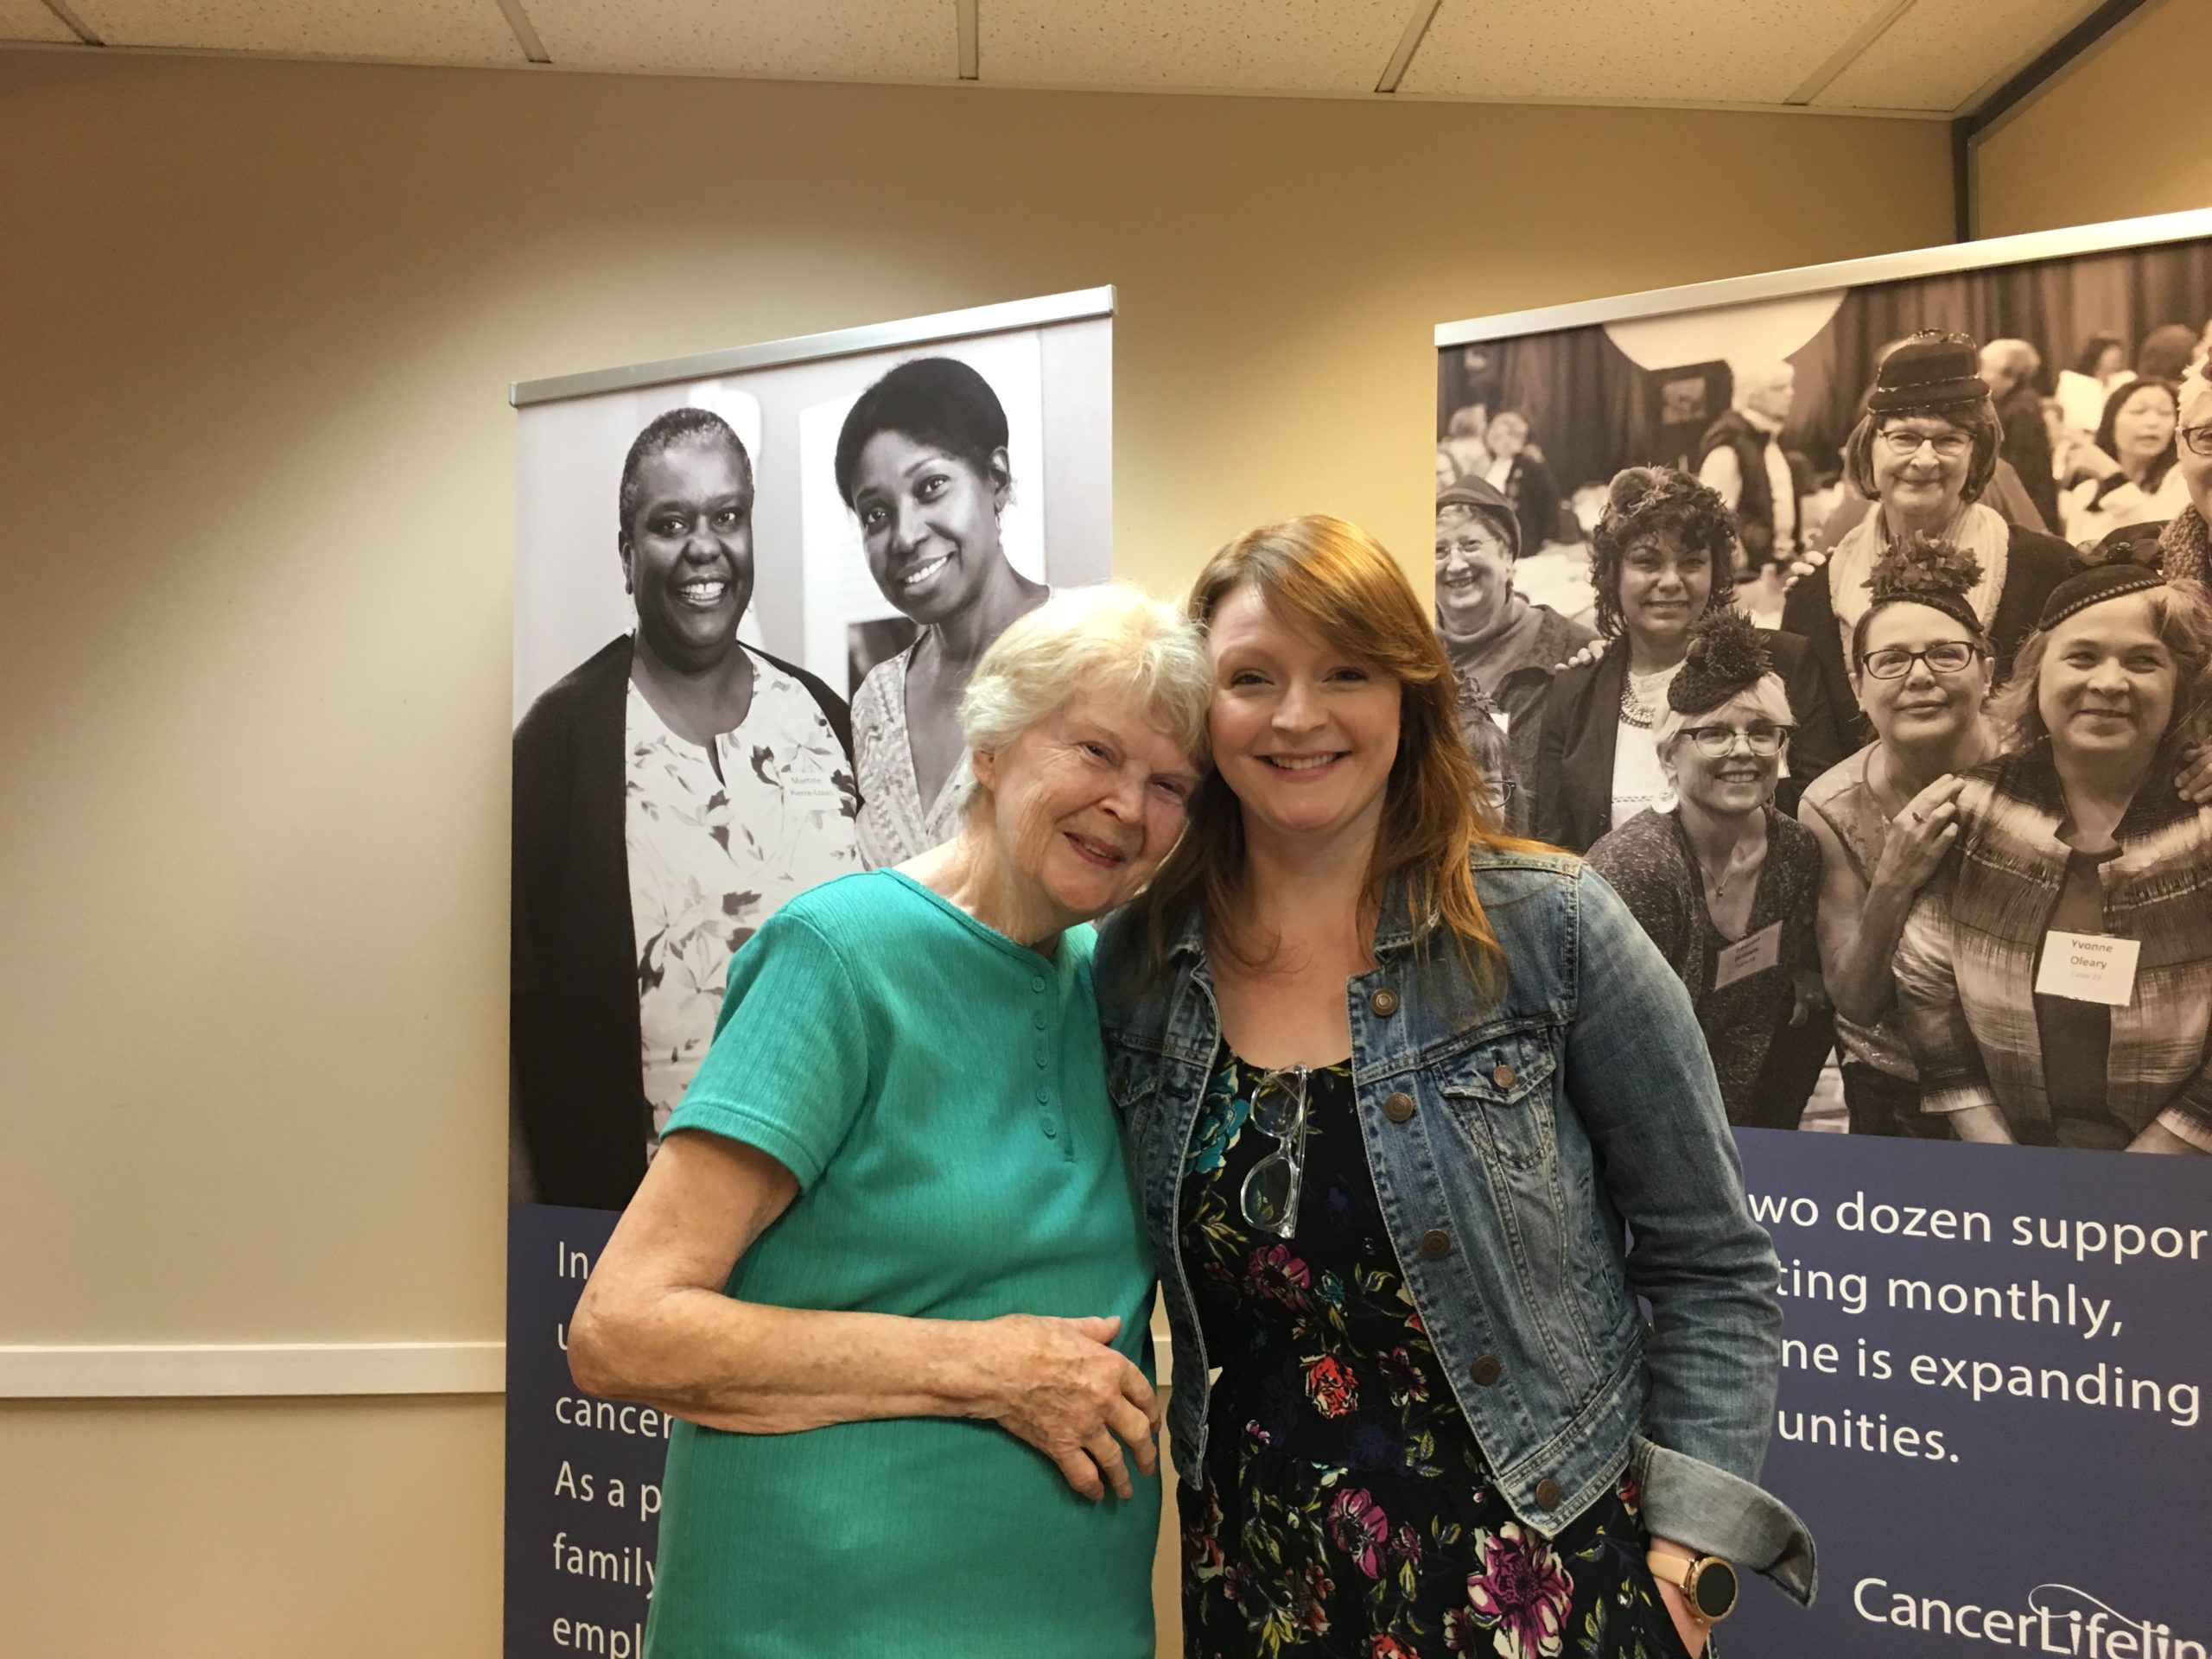 Helen McDuffie, Lifeline Volunteer for over 20 Years